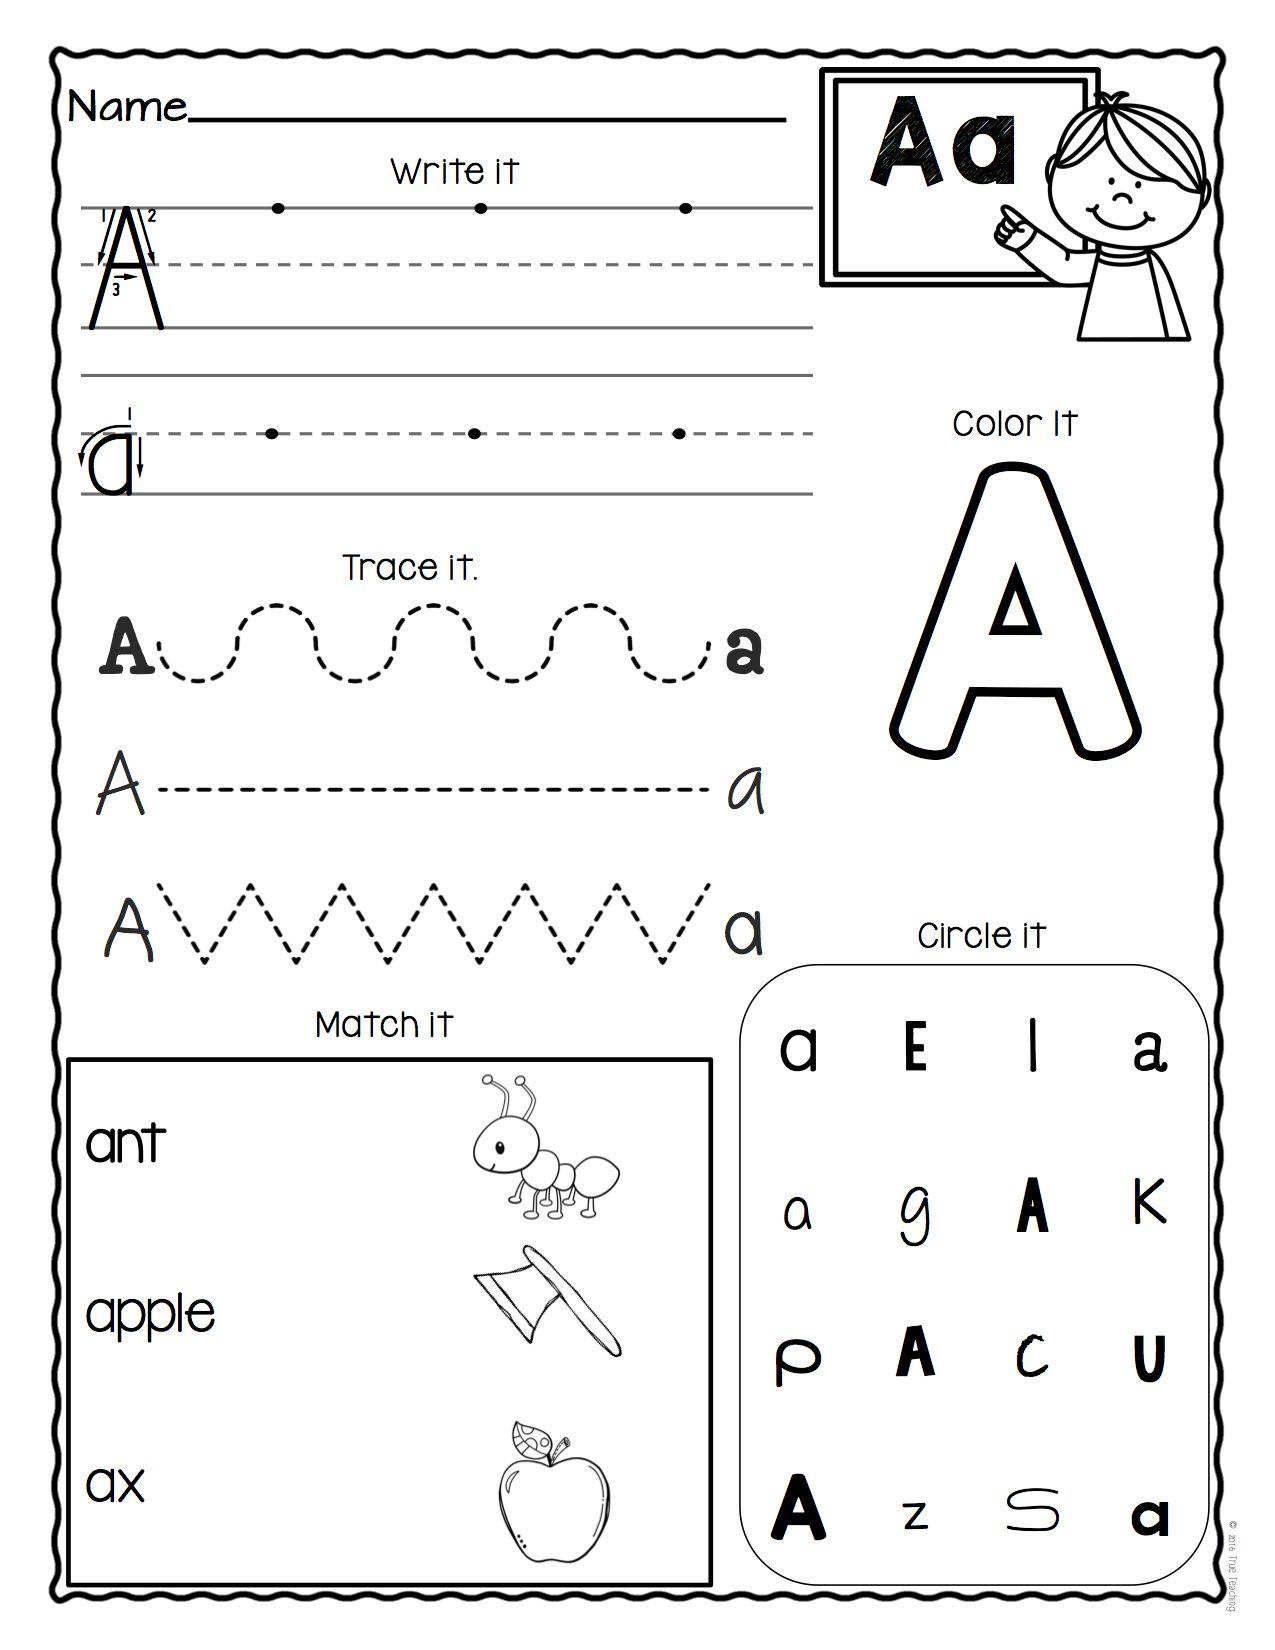 A-Z Letter Worksheets (Set 3) | Alphabet Worksheets with Letter Worksheets A